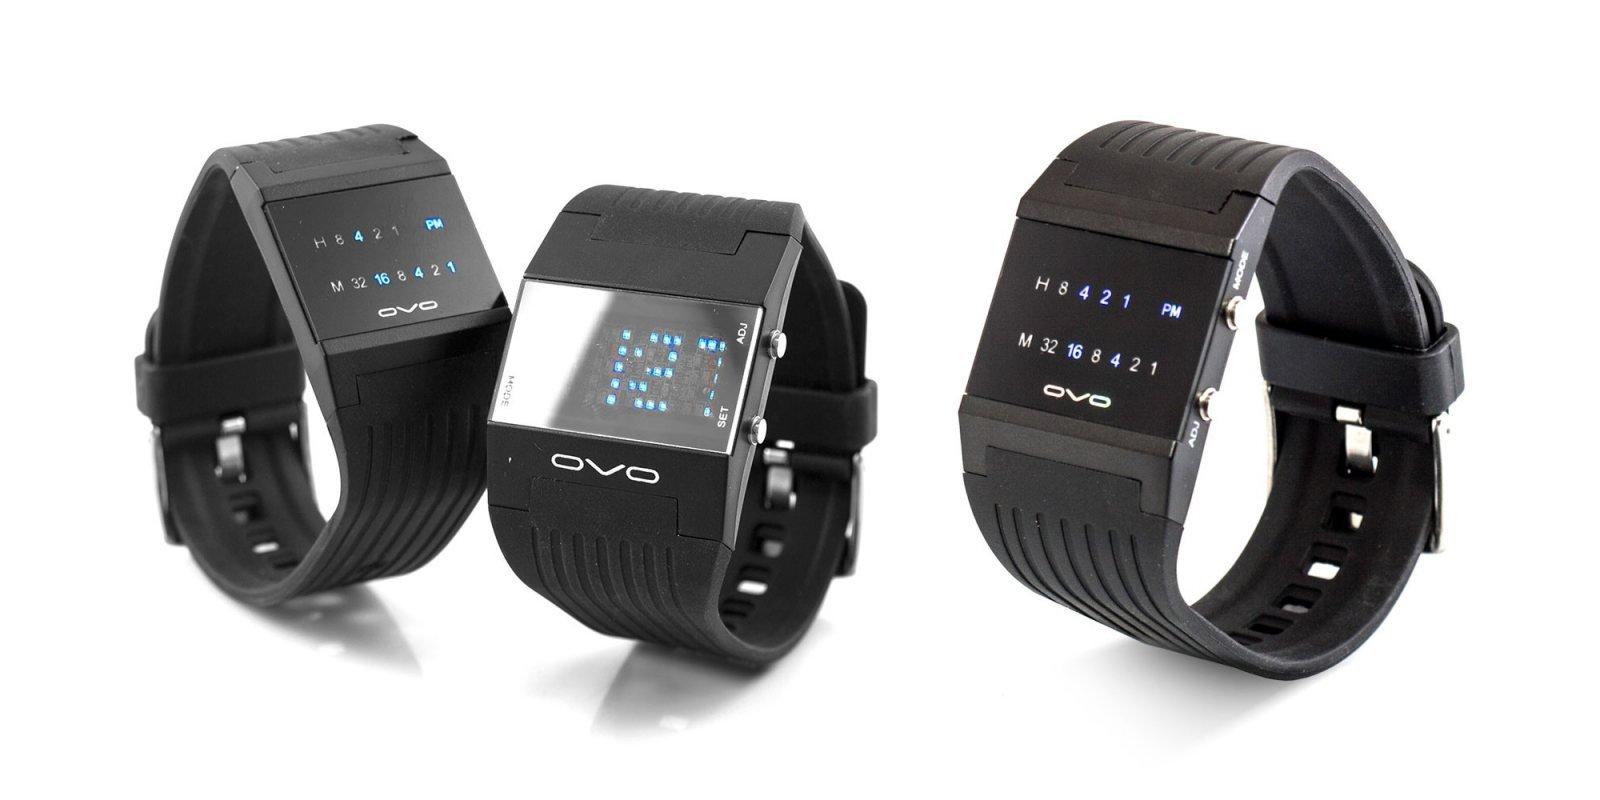 Relojes de dise o futurista ovo ideas para regalar - Relojes de diseno ...